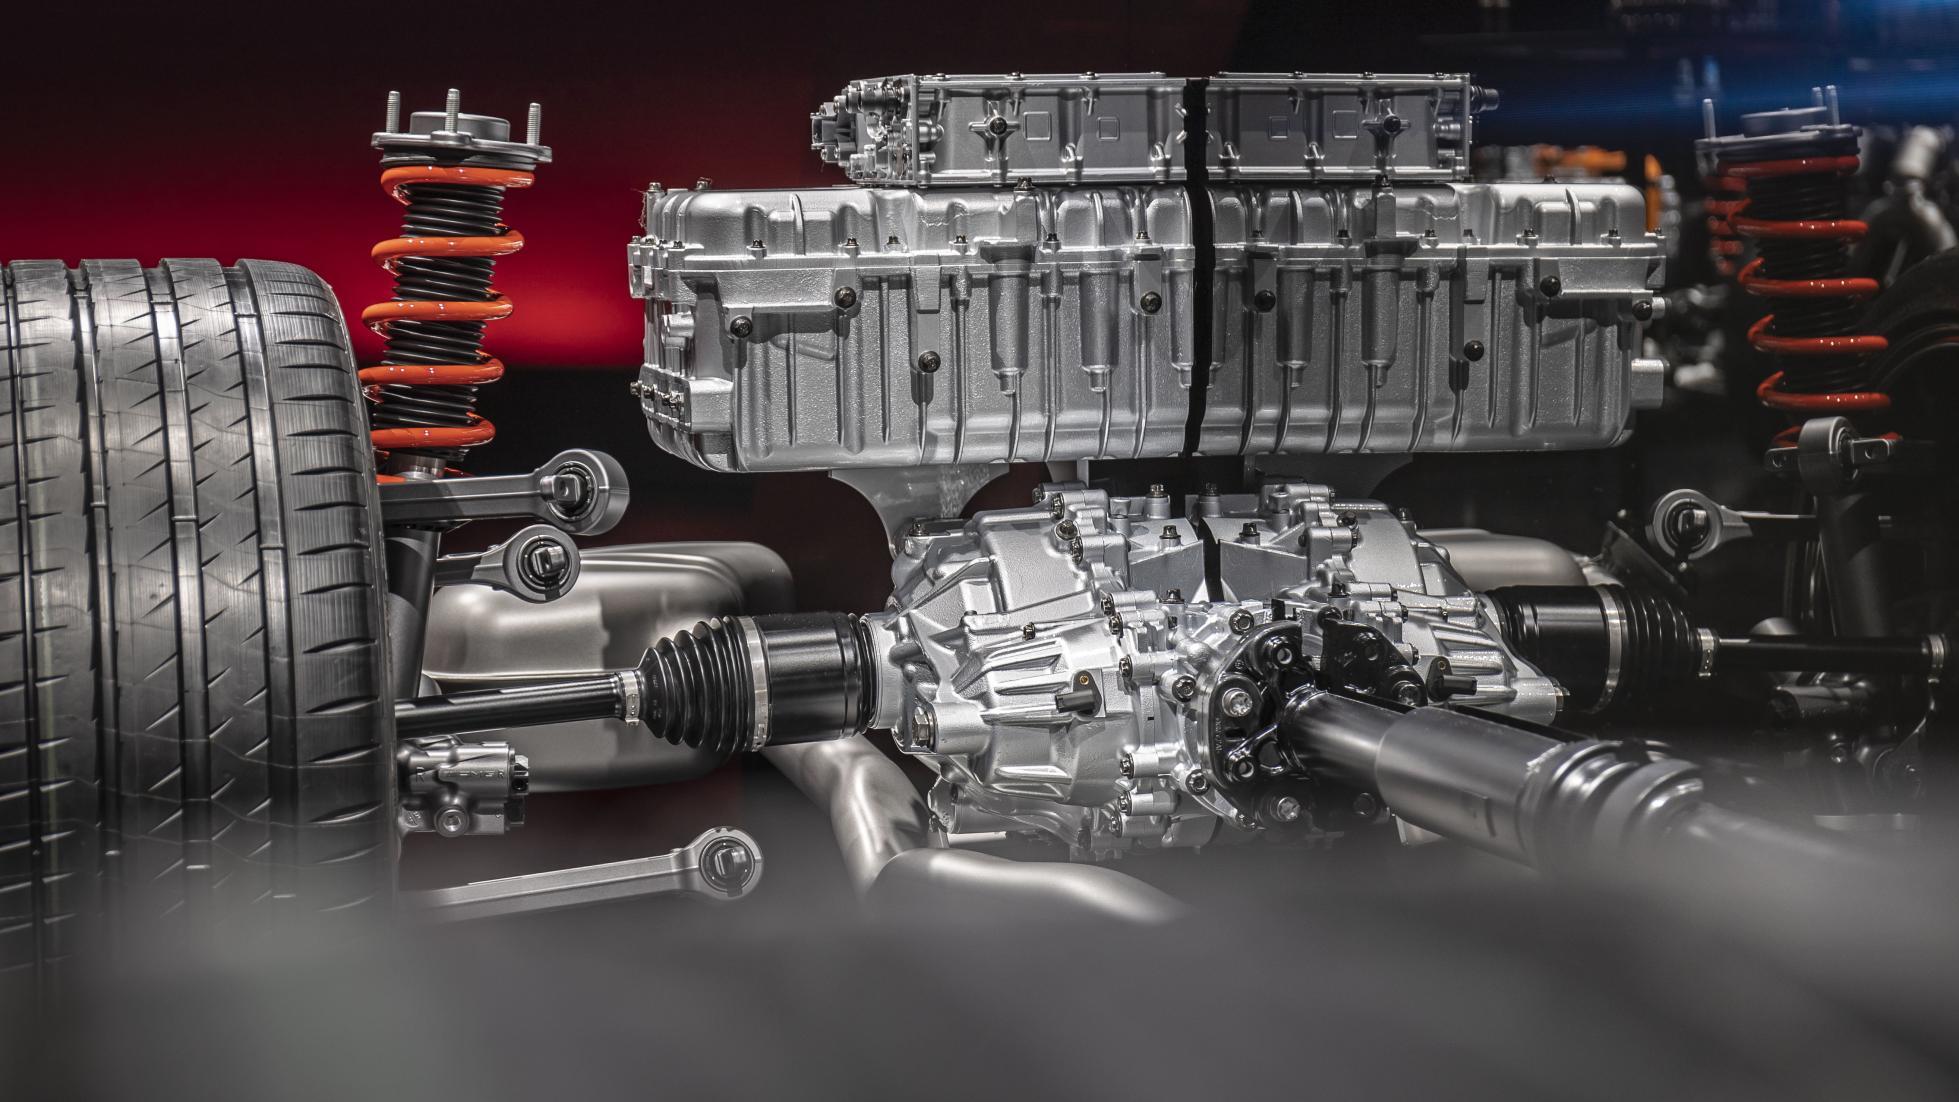 AMG C63 Engine